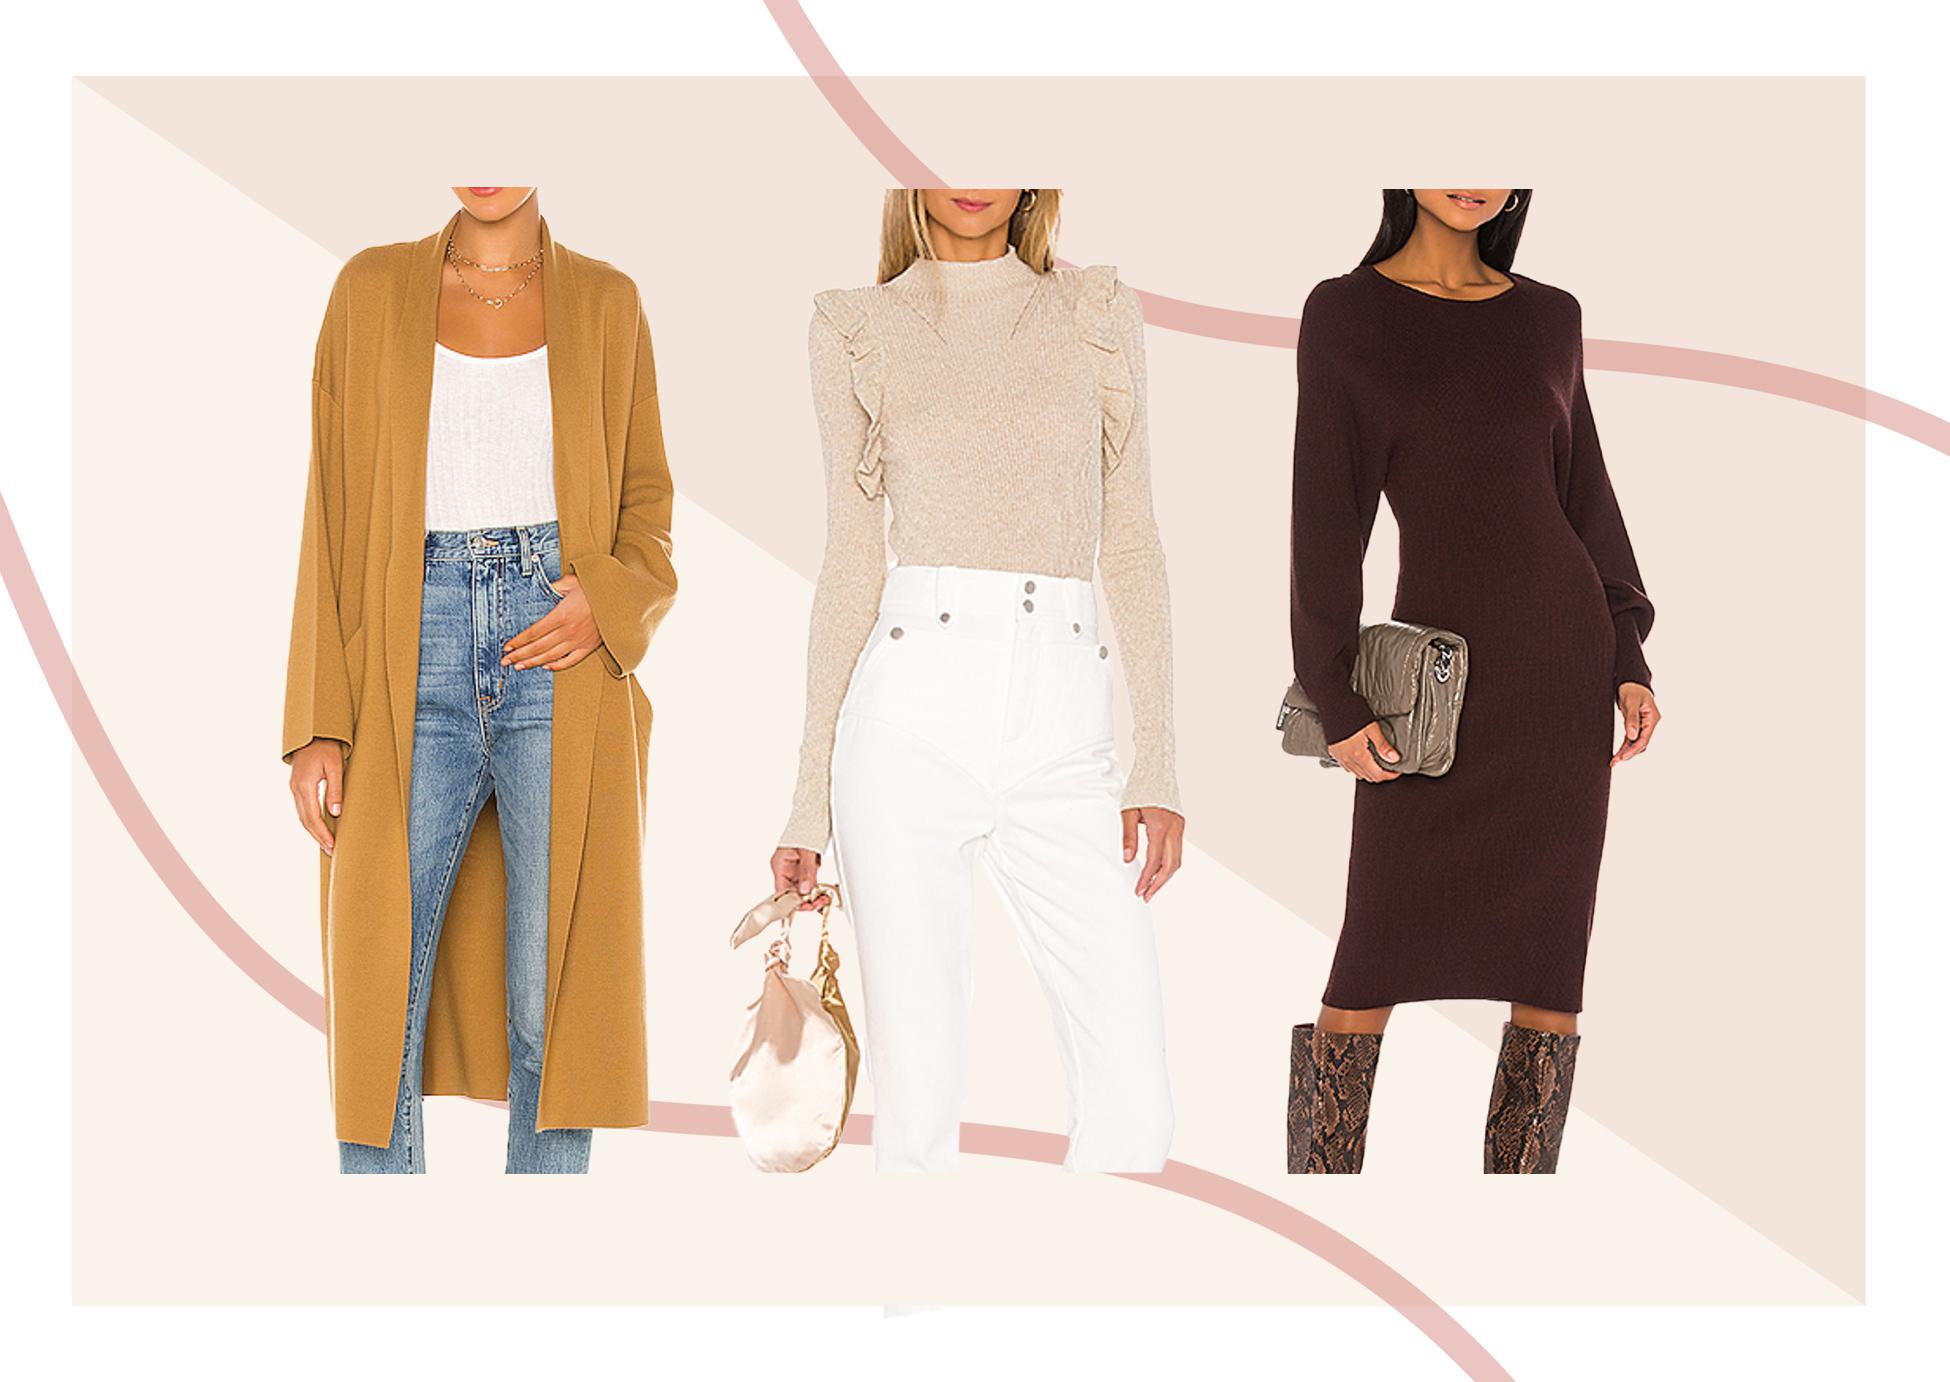 Fall 2020 Fashion Trend: Earth Tones